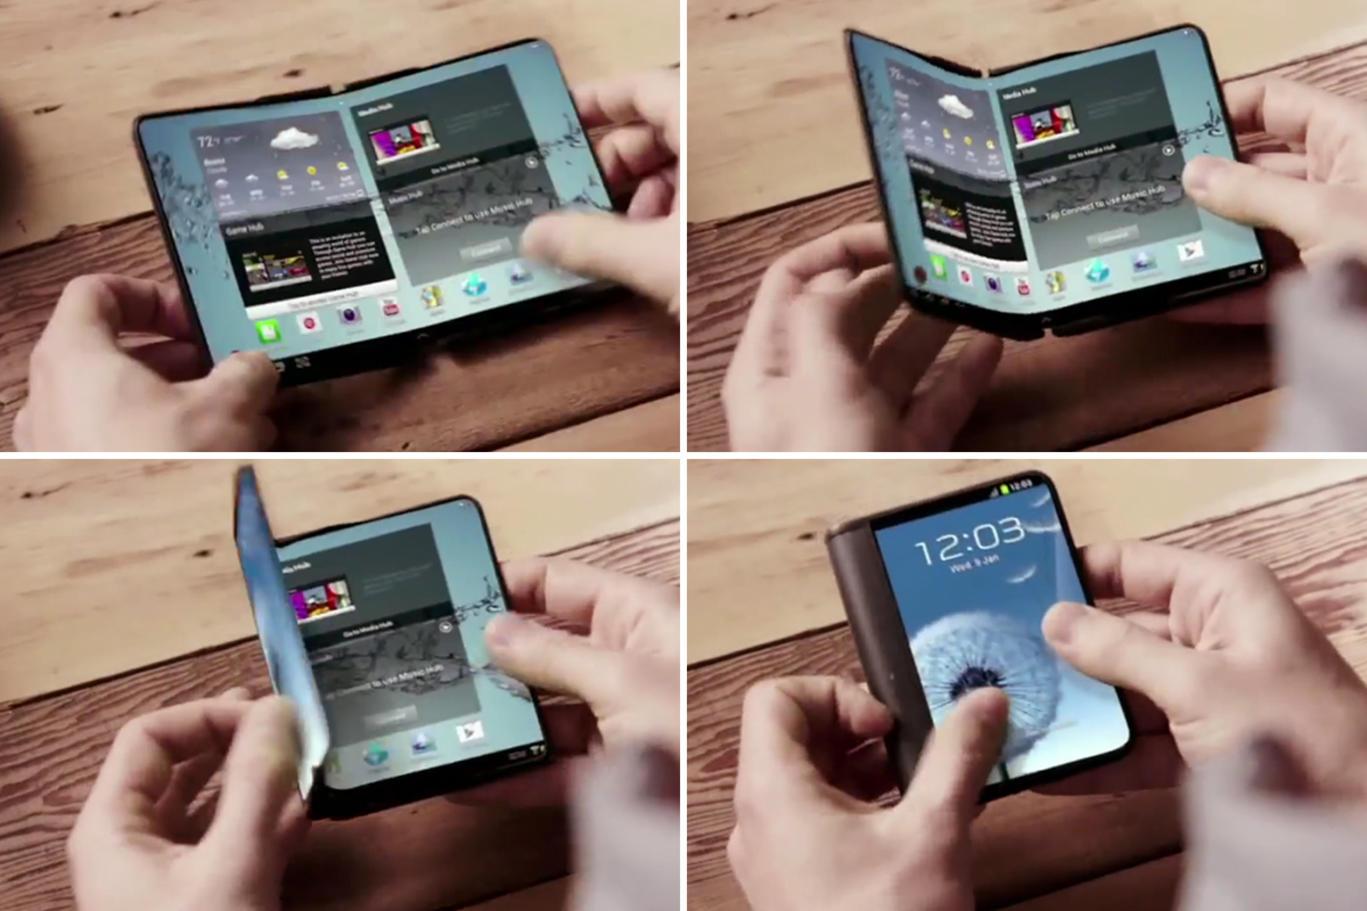 Un brevet montre comment Samsung envisage les smartphones à écrans pliables